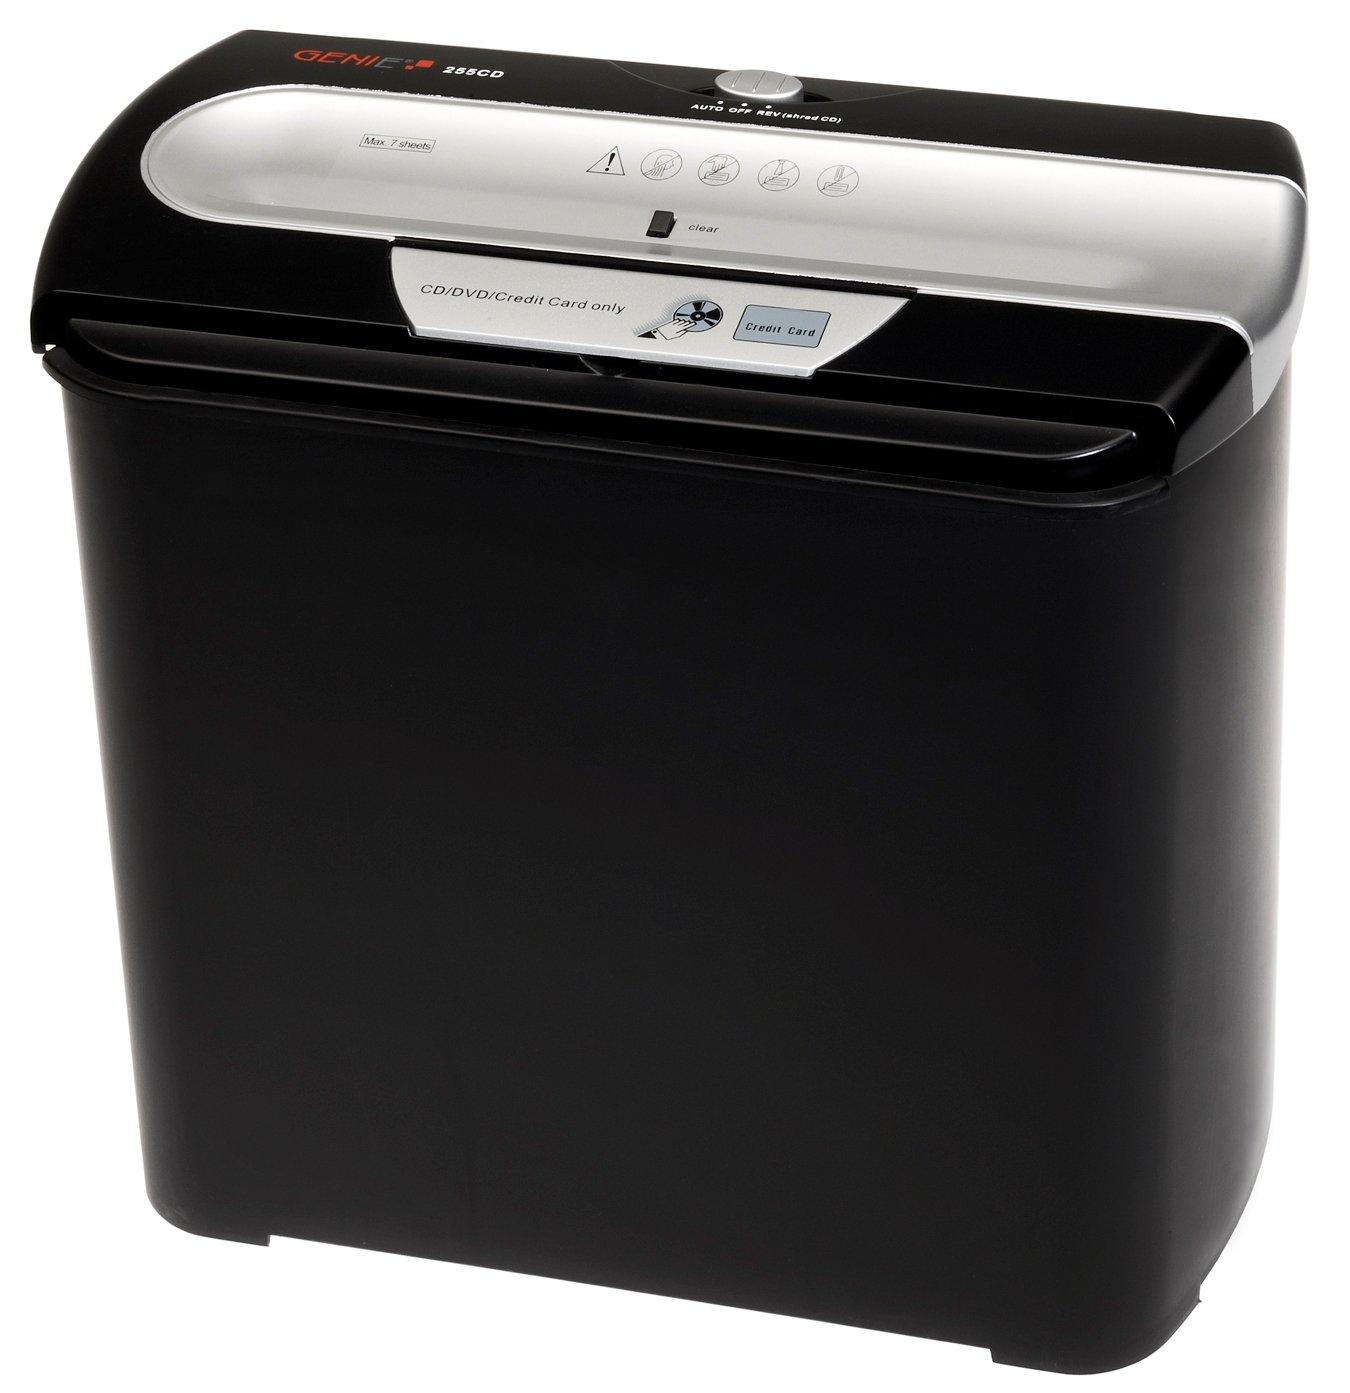 Genie 255 CD - Destructora de papel plateado y CD (7 hojas, 12 litros), negro y plateado papel 37ed66